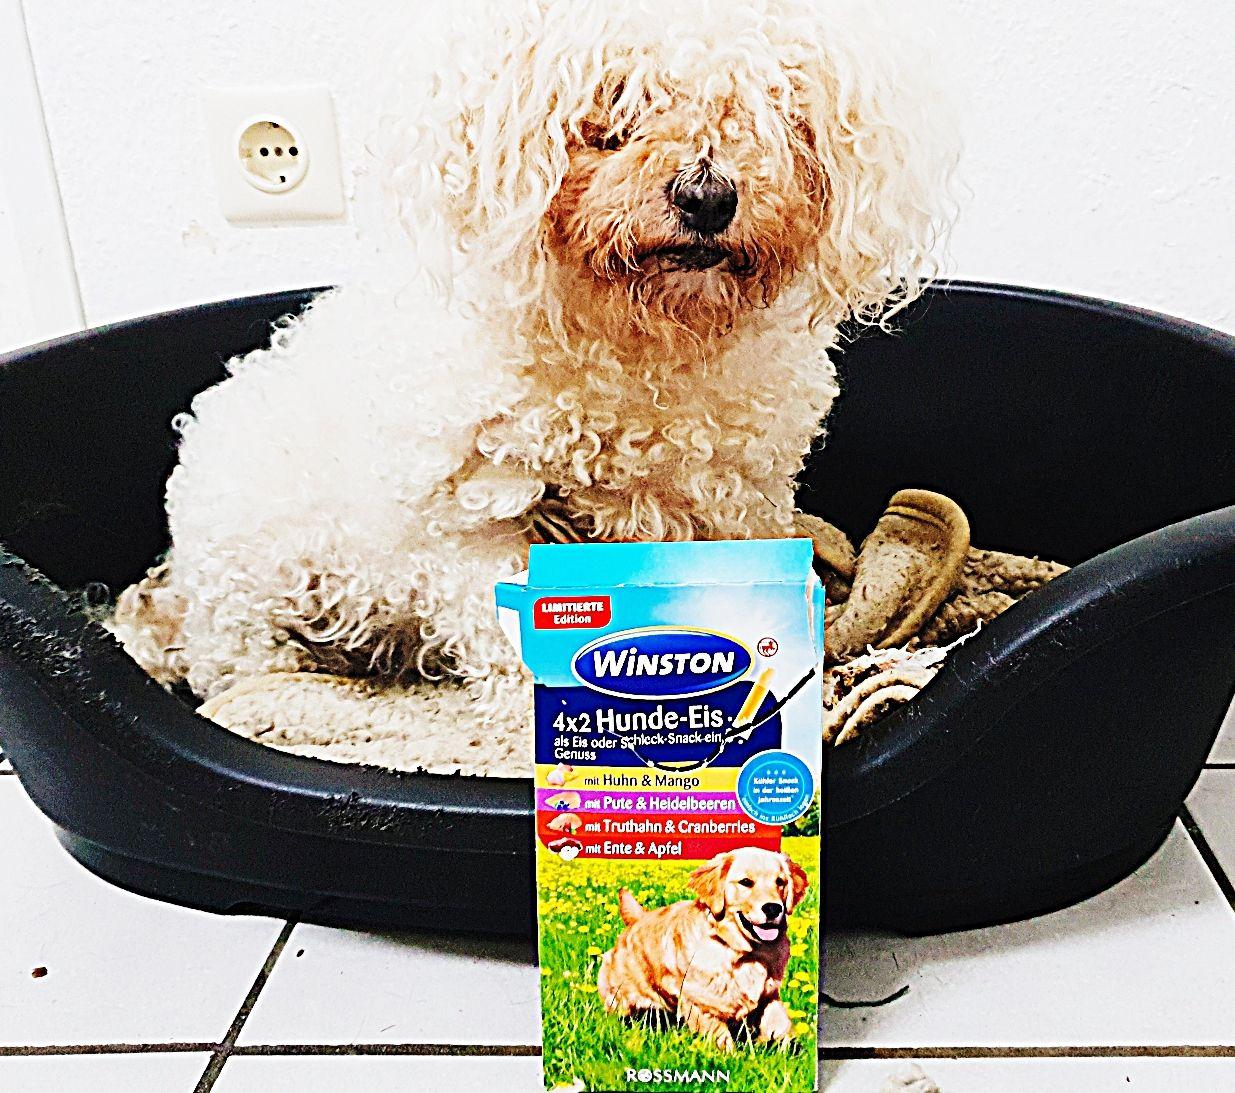 Winston 4x2 Hunde-Eis